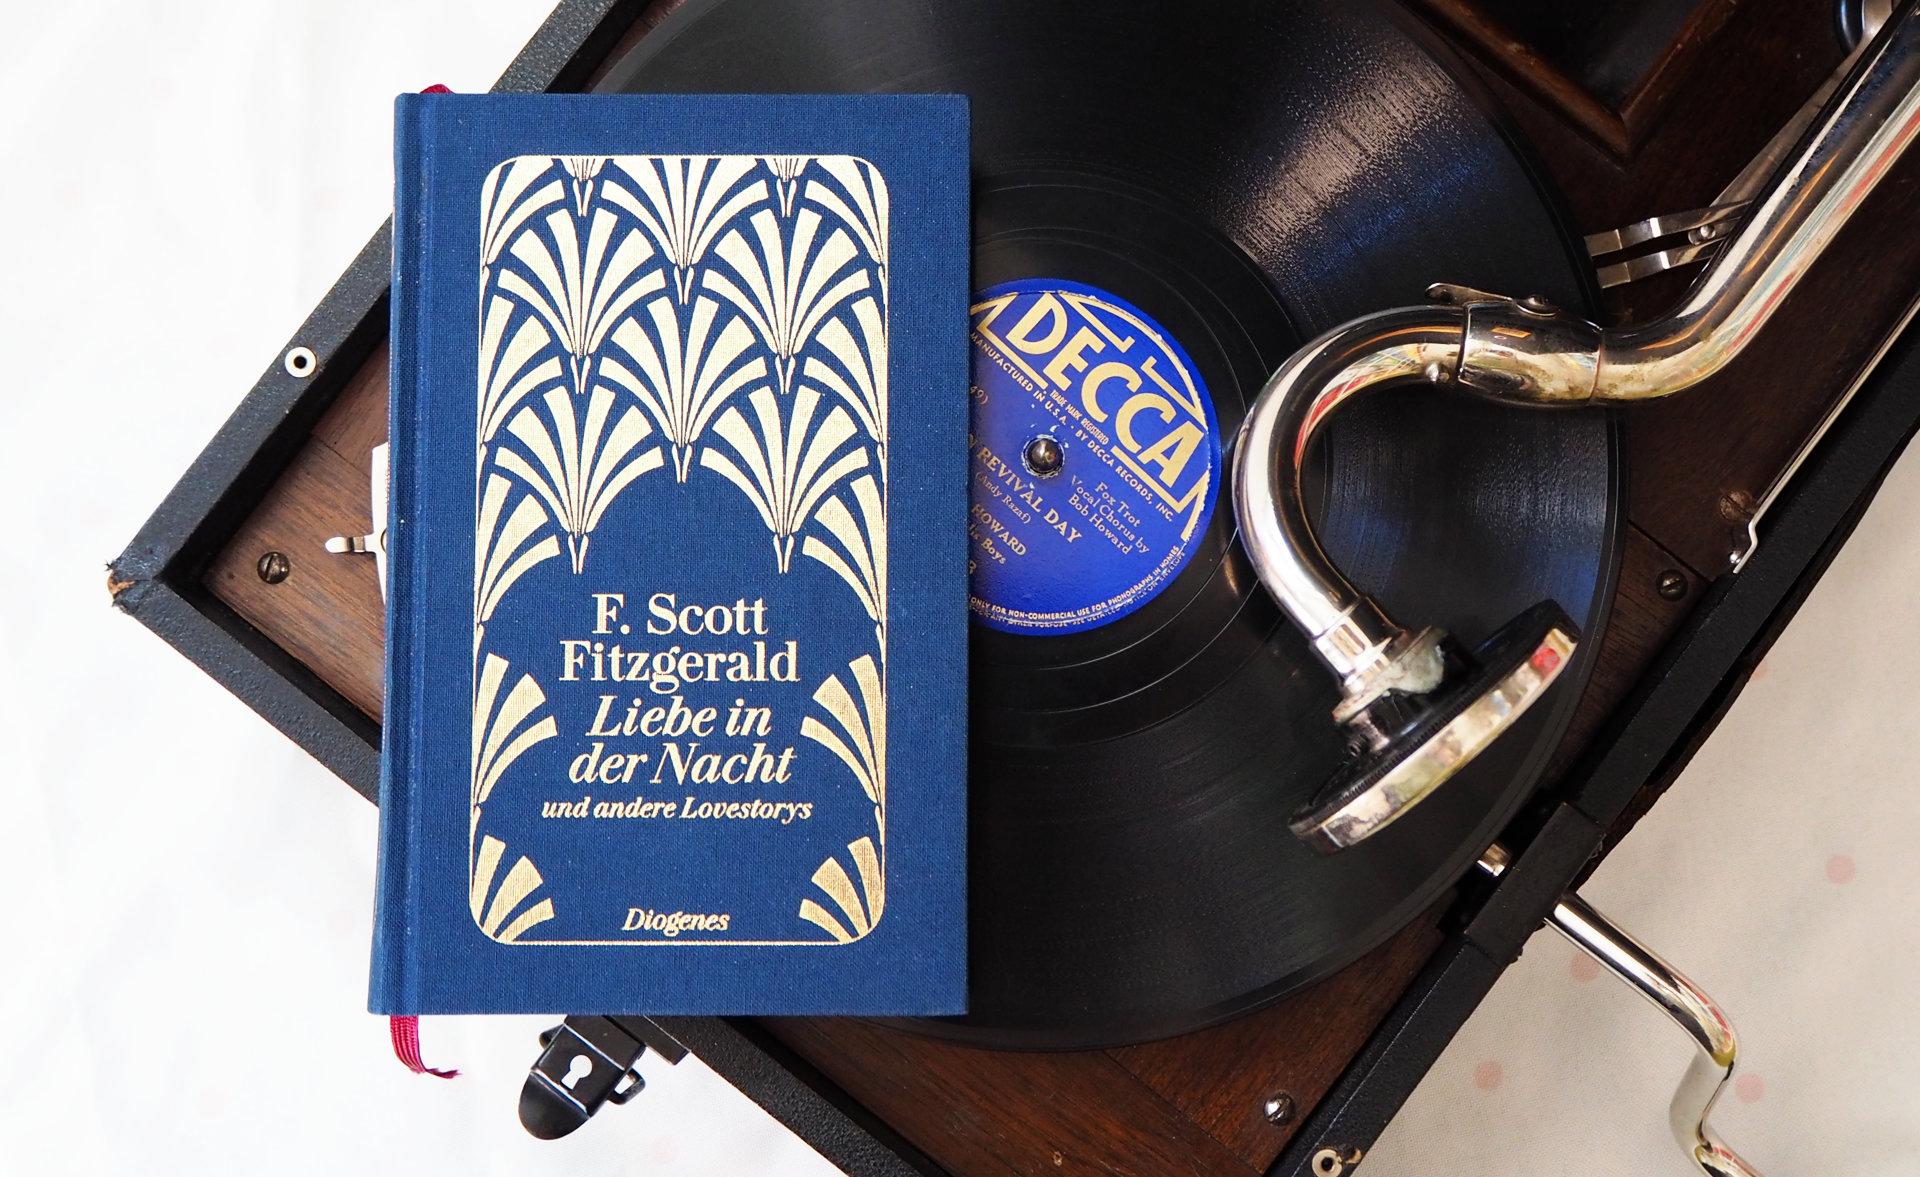 Liebe in der Nacht: und andere Lovestorys • F. Scott Fitzgerald